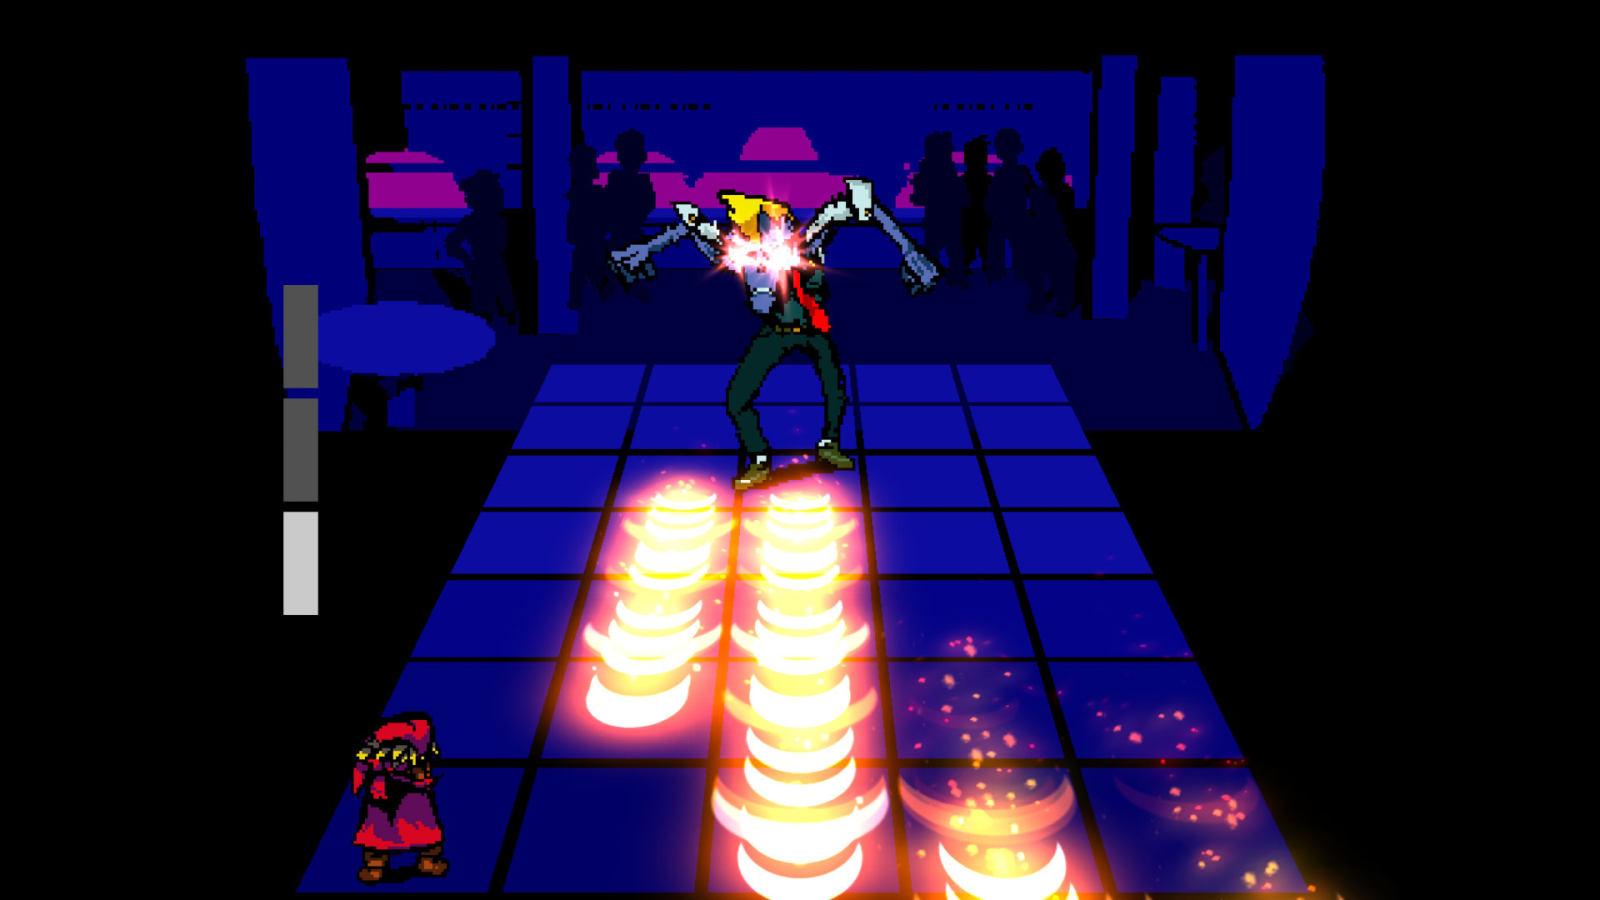 用节奏对抗怪物,《Everhood》免费试玩版上线 Steam